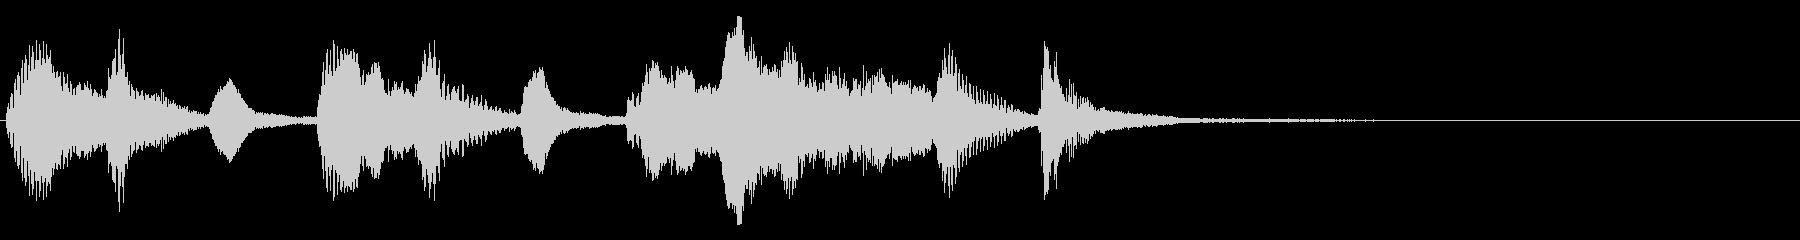 弦楽四重奏ジングル04 タイトルバックの未再生の波形